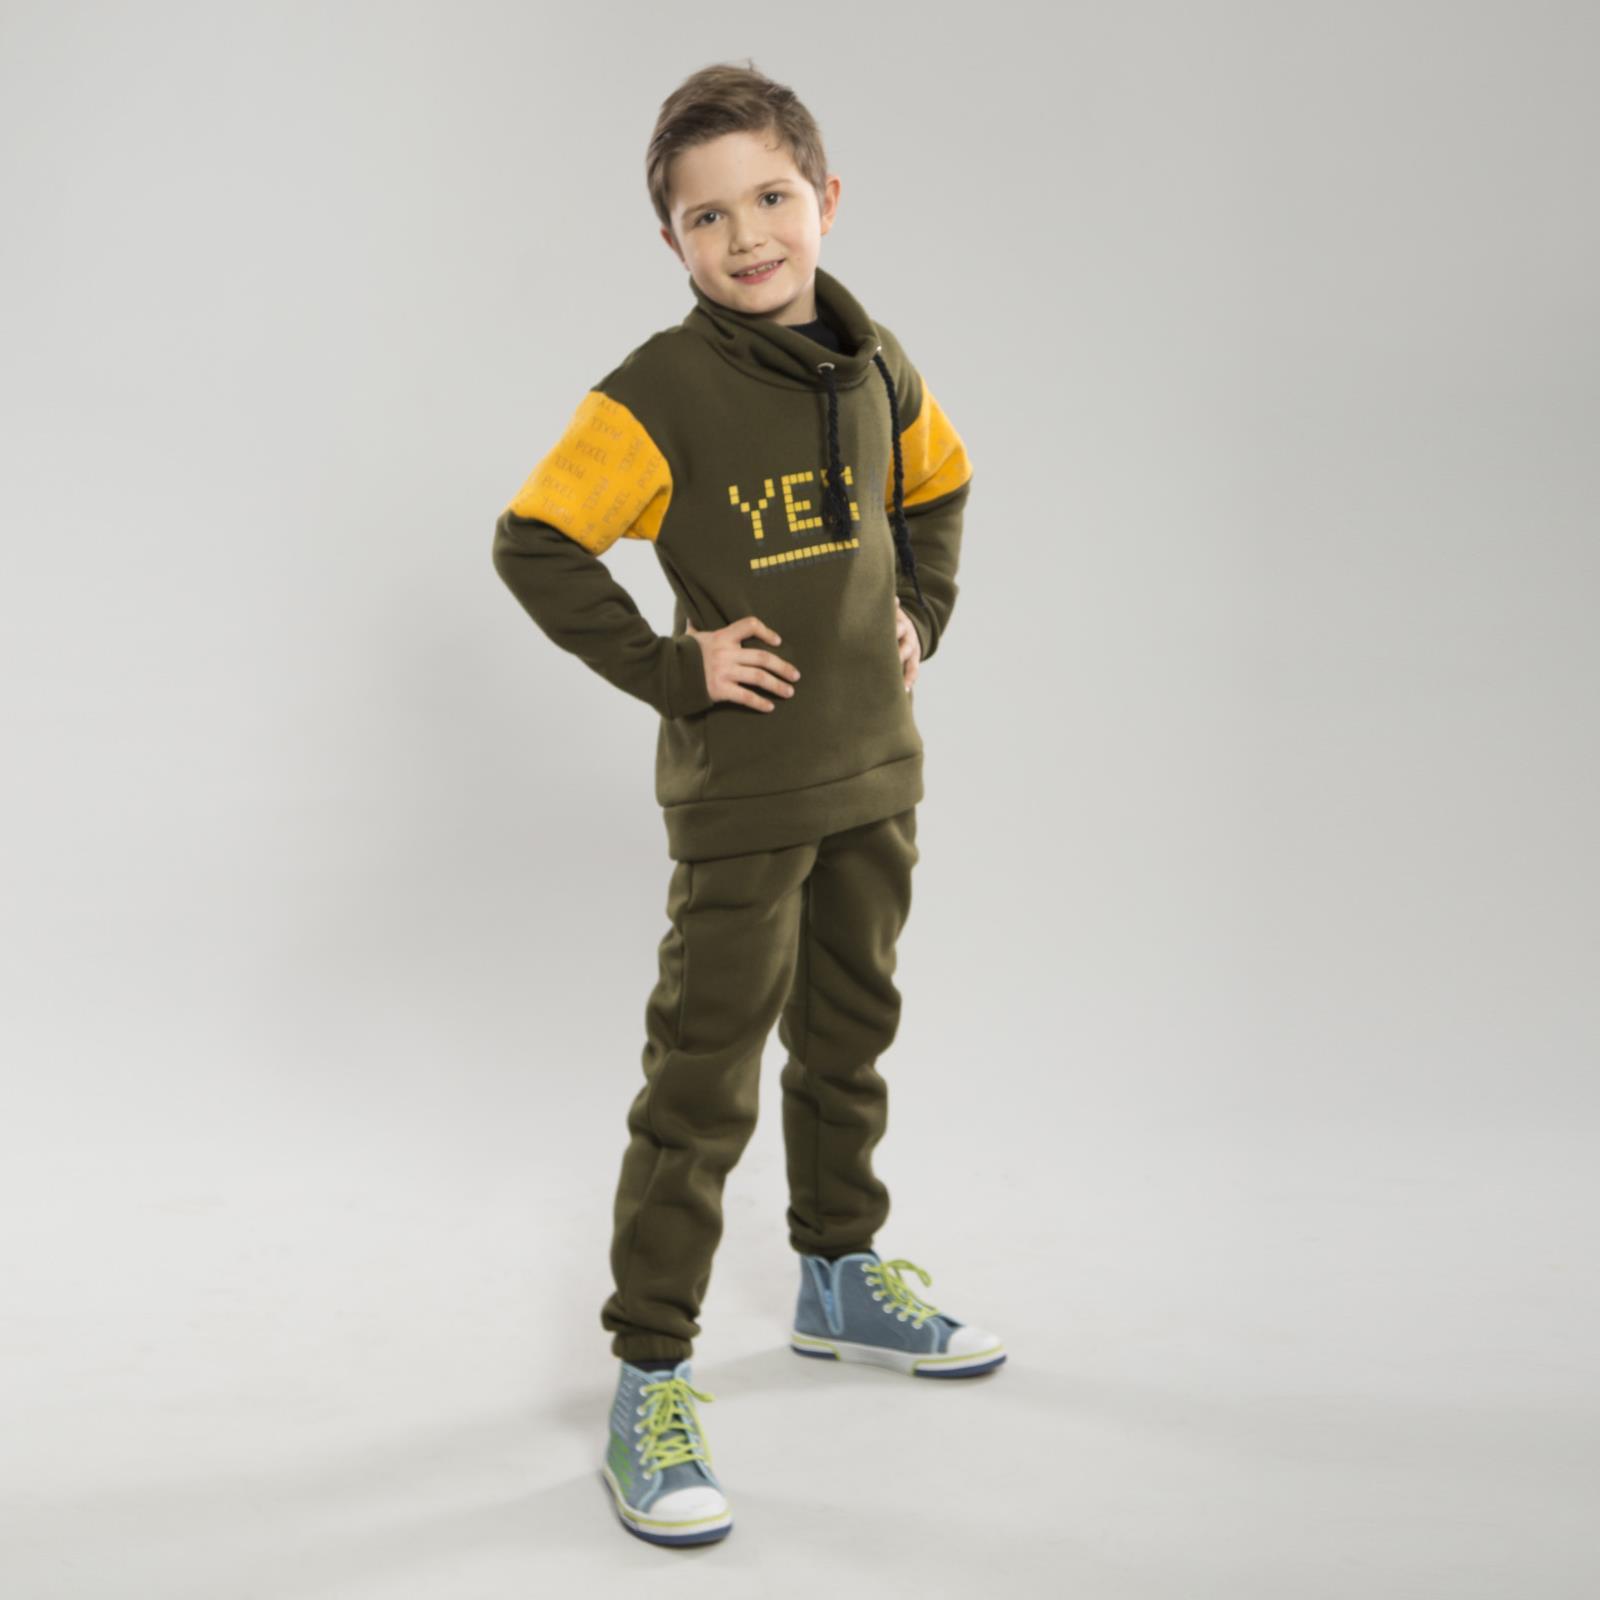 Костюм (спорт) детские O! Kids Clothing модель OKC~96591-1 отзывы, 2017